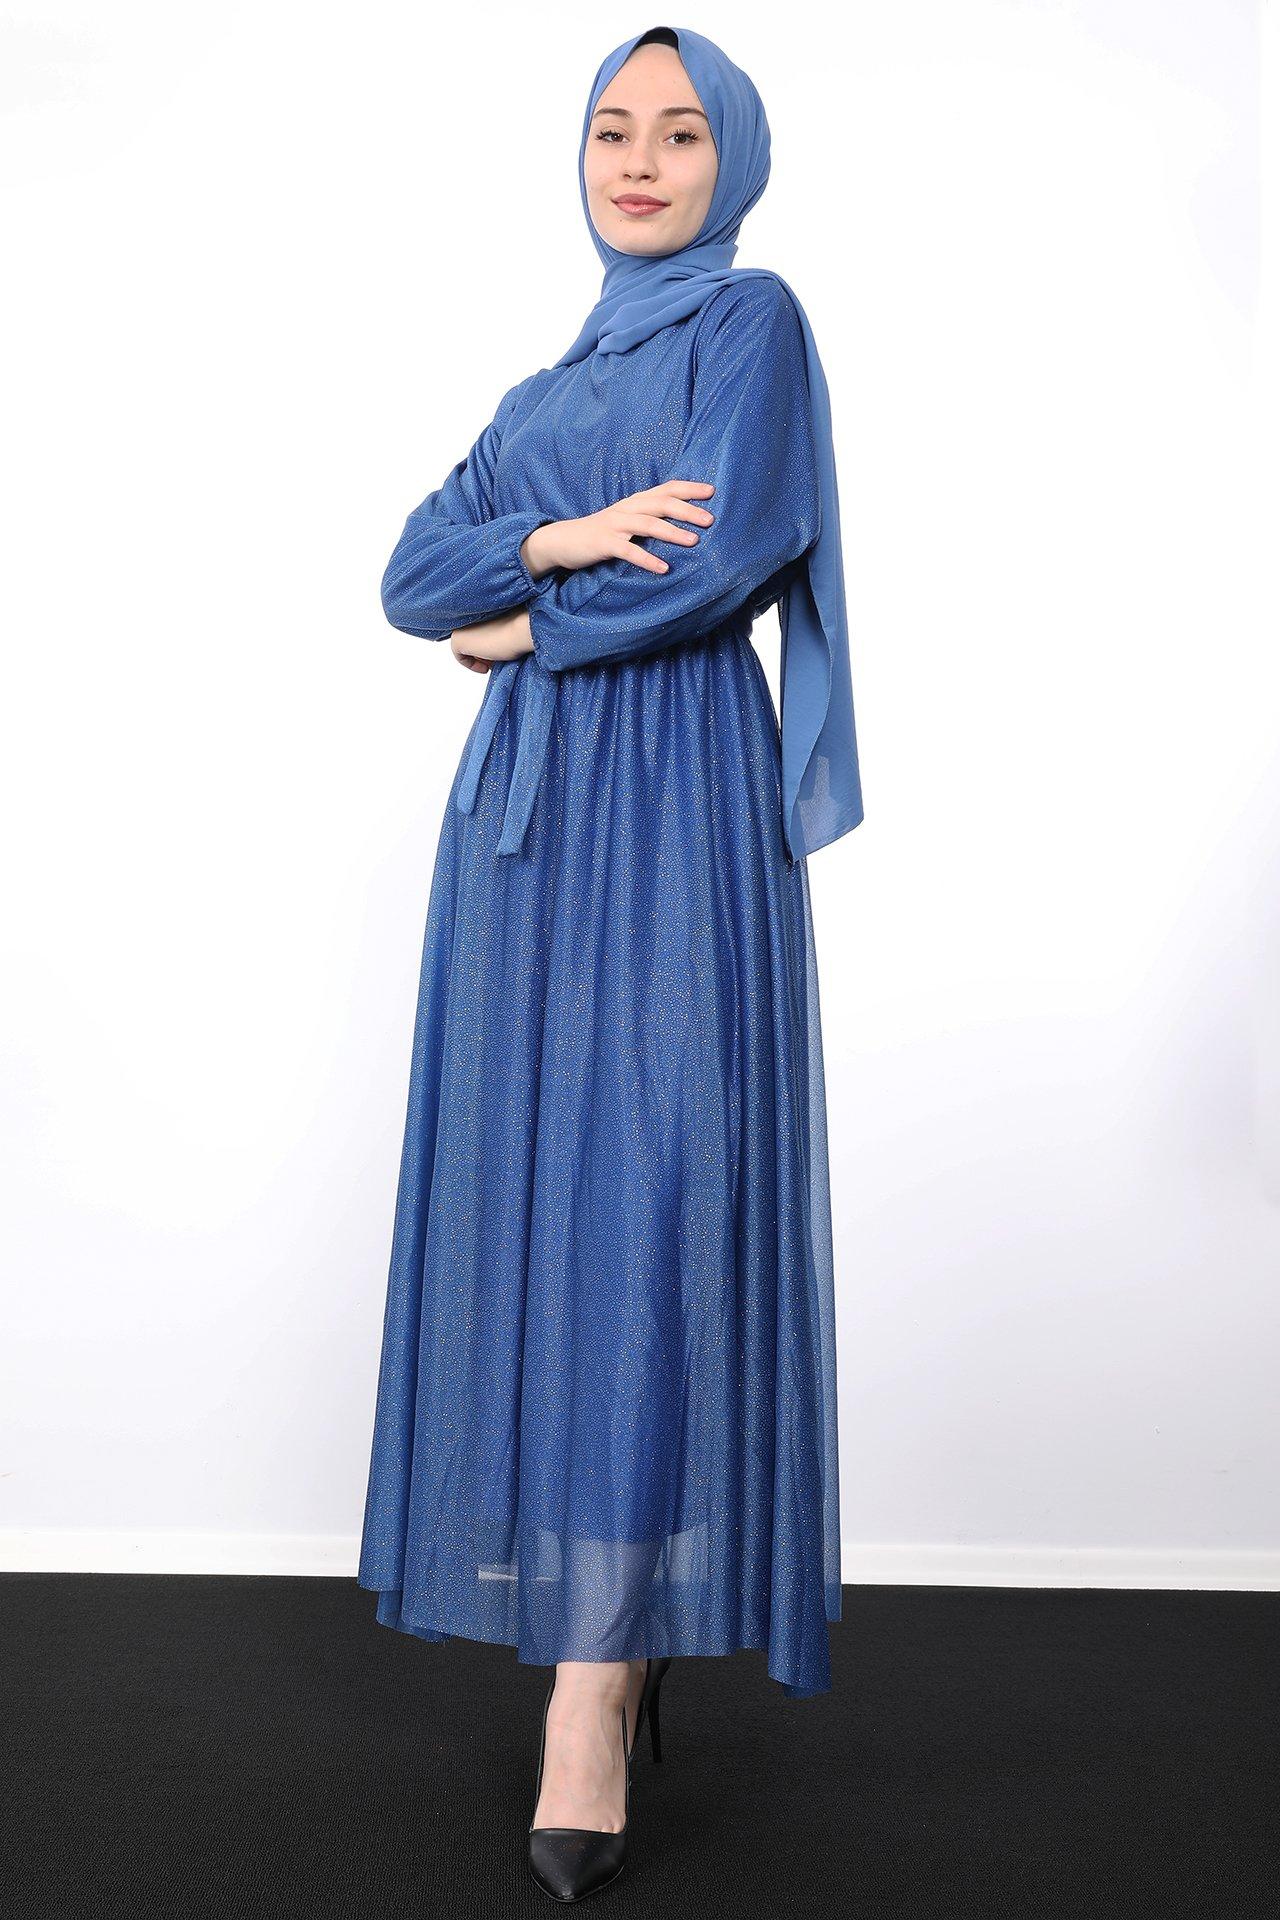 GİZAGİYİM - Simli Şifon Elbise Gece Mavi